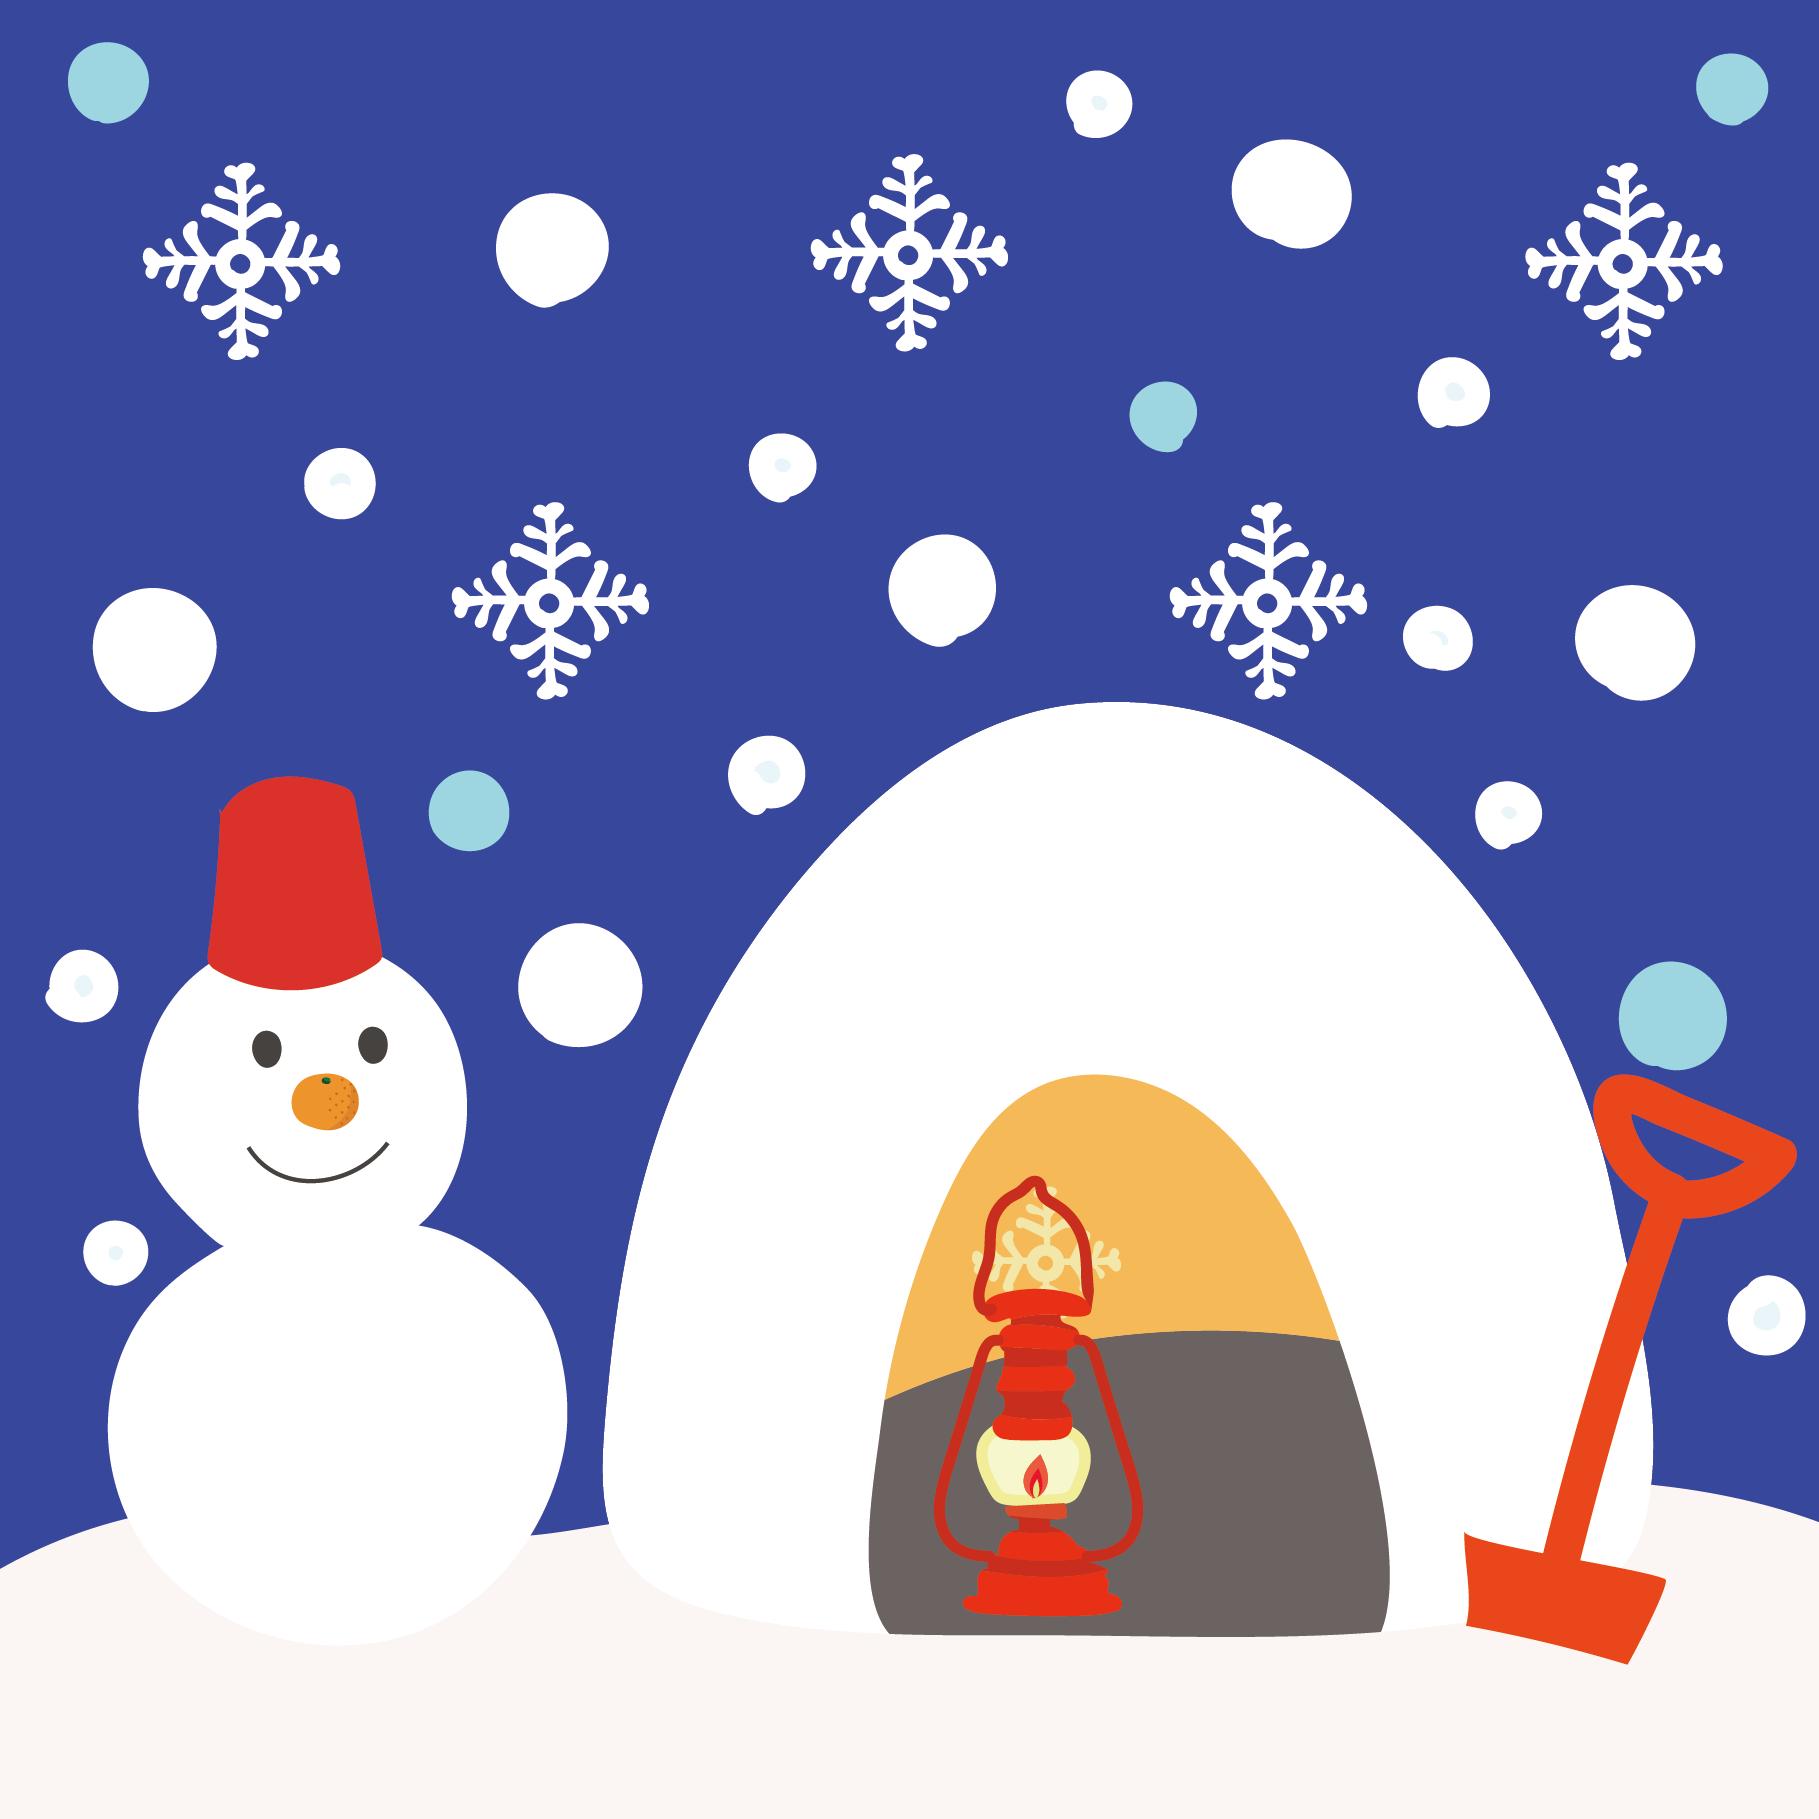 かまくらとかわいい雪だるまの冬イラスト   商用フリー(無料)の